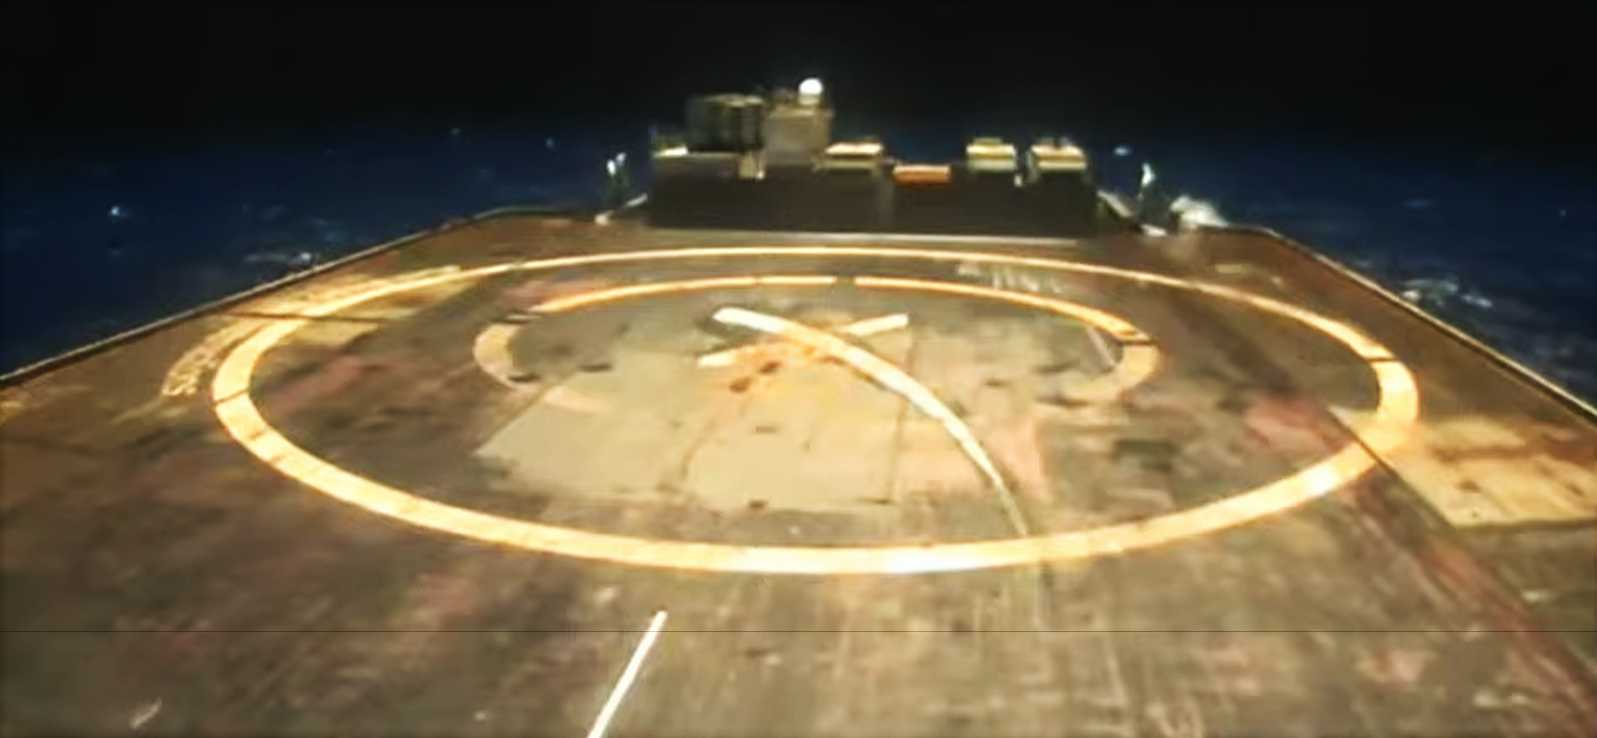 Корабль-дрон SpaceX направляется в море для следующего запуска и посадки Falcon 9 Starlink